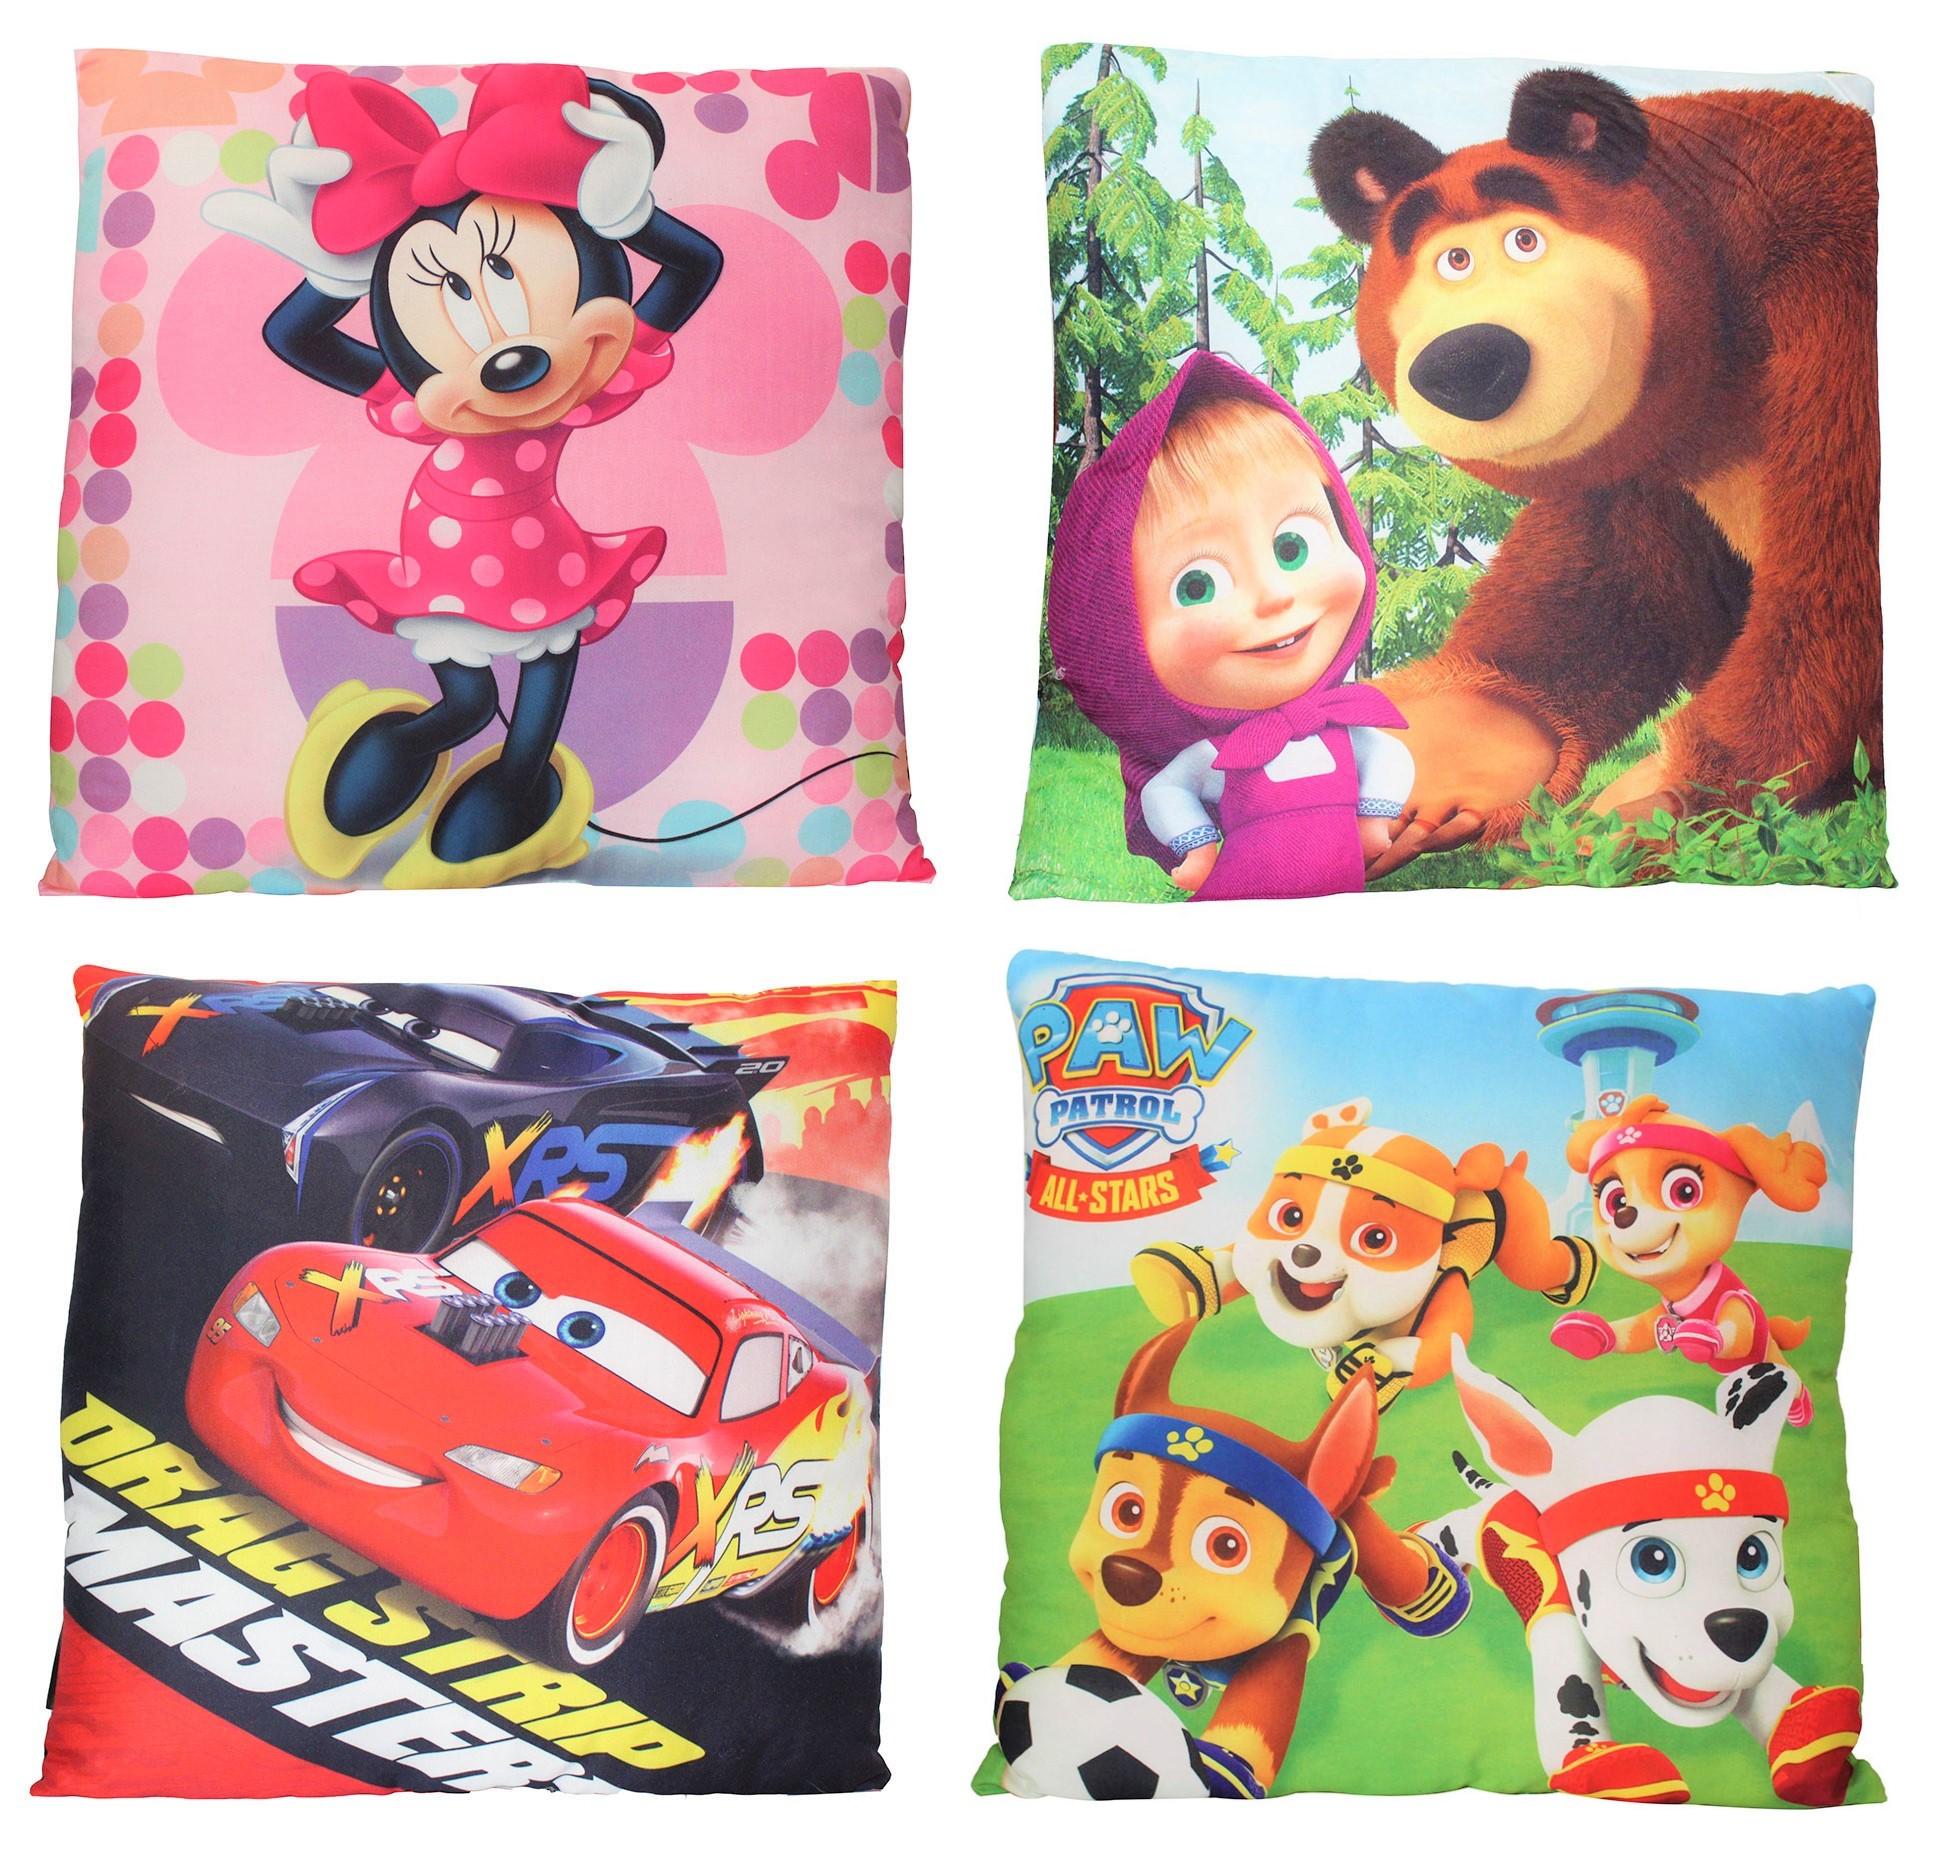 Kinder Kissen 40 x 40 cm Mascha und der Bär, Minnie Maus, Cars und Paw Patrol